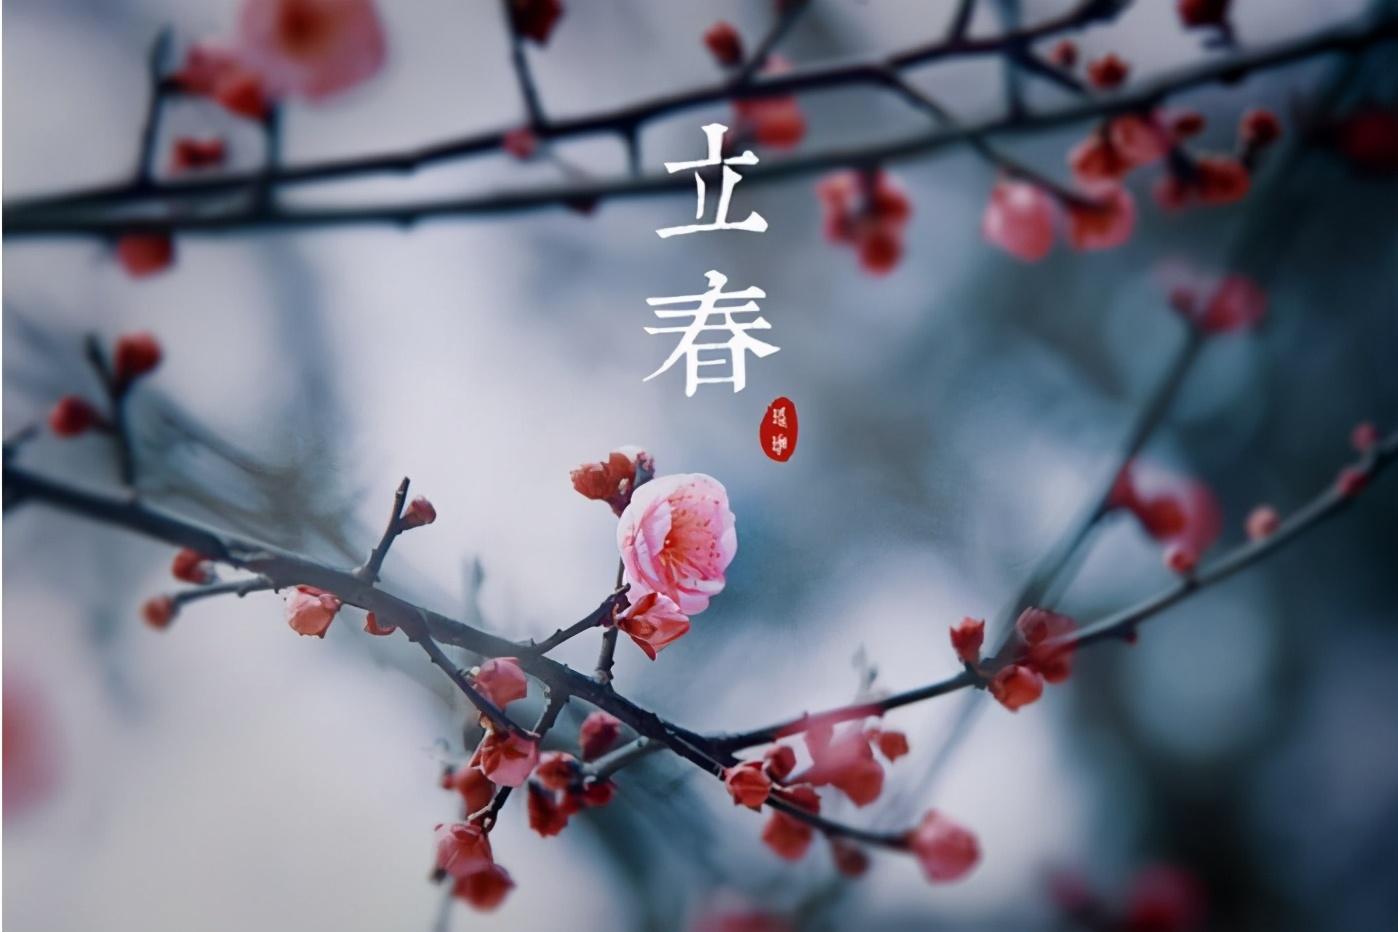 """[明天什么时候立春]农村俗语""""春打五九尾,吃穿跑断腿""""是啥意思?21年何时"""